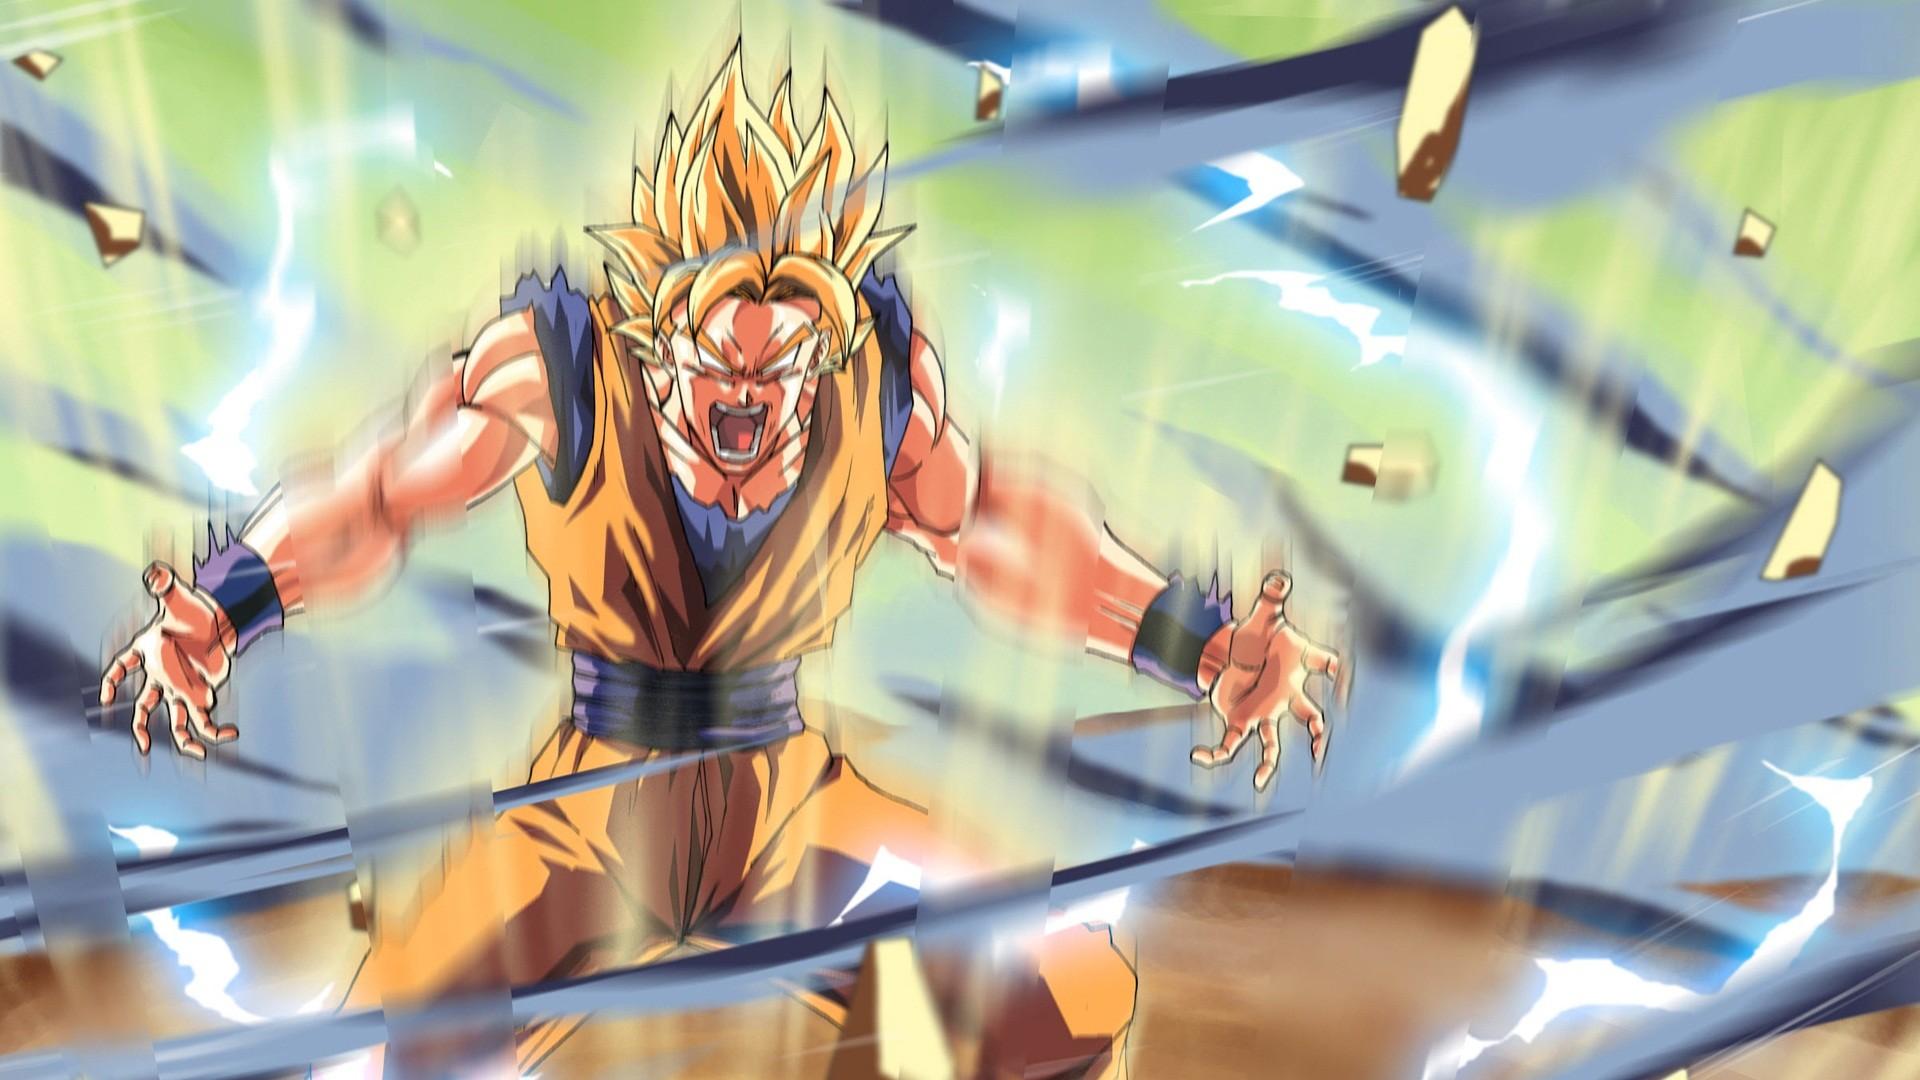 Goku Kamehameha Wallpaper 69 Images